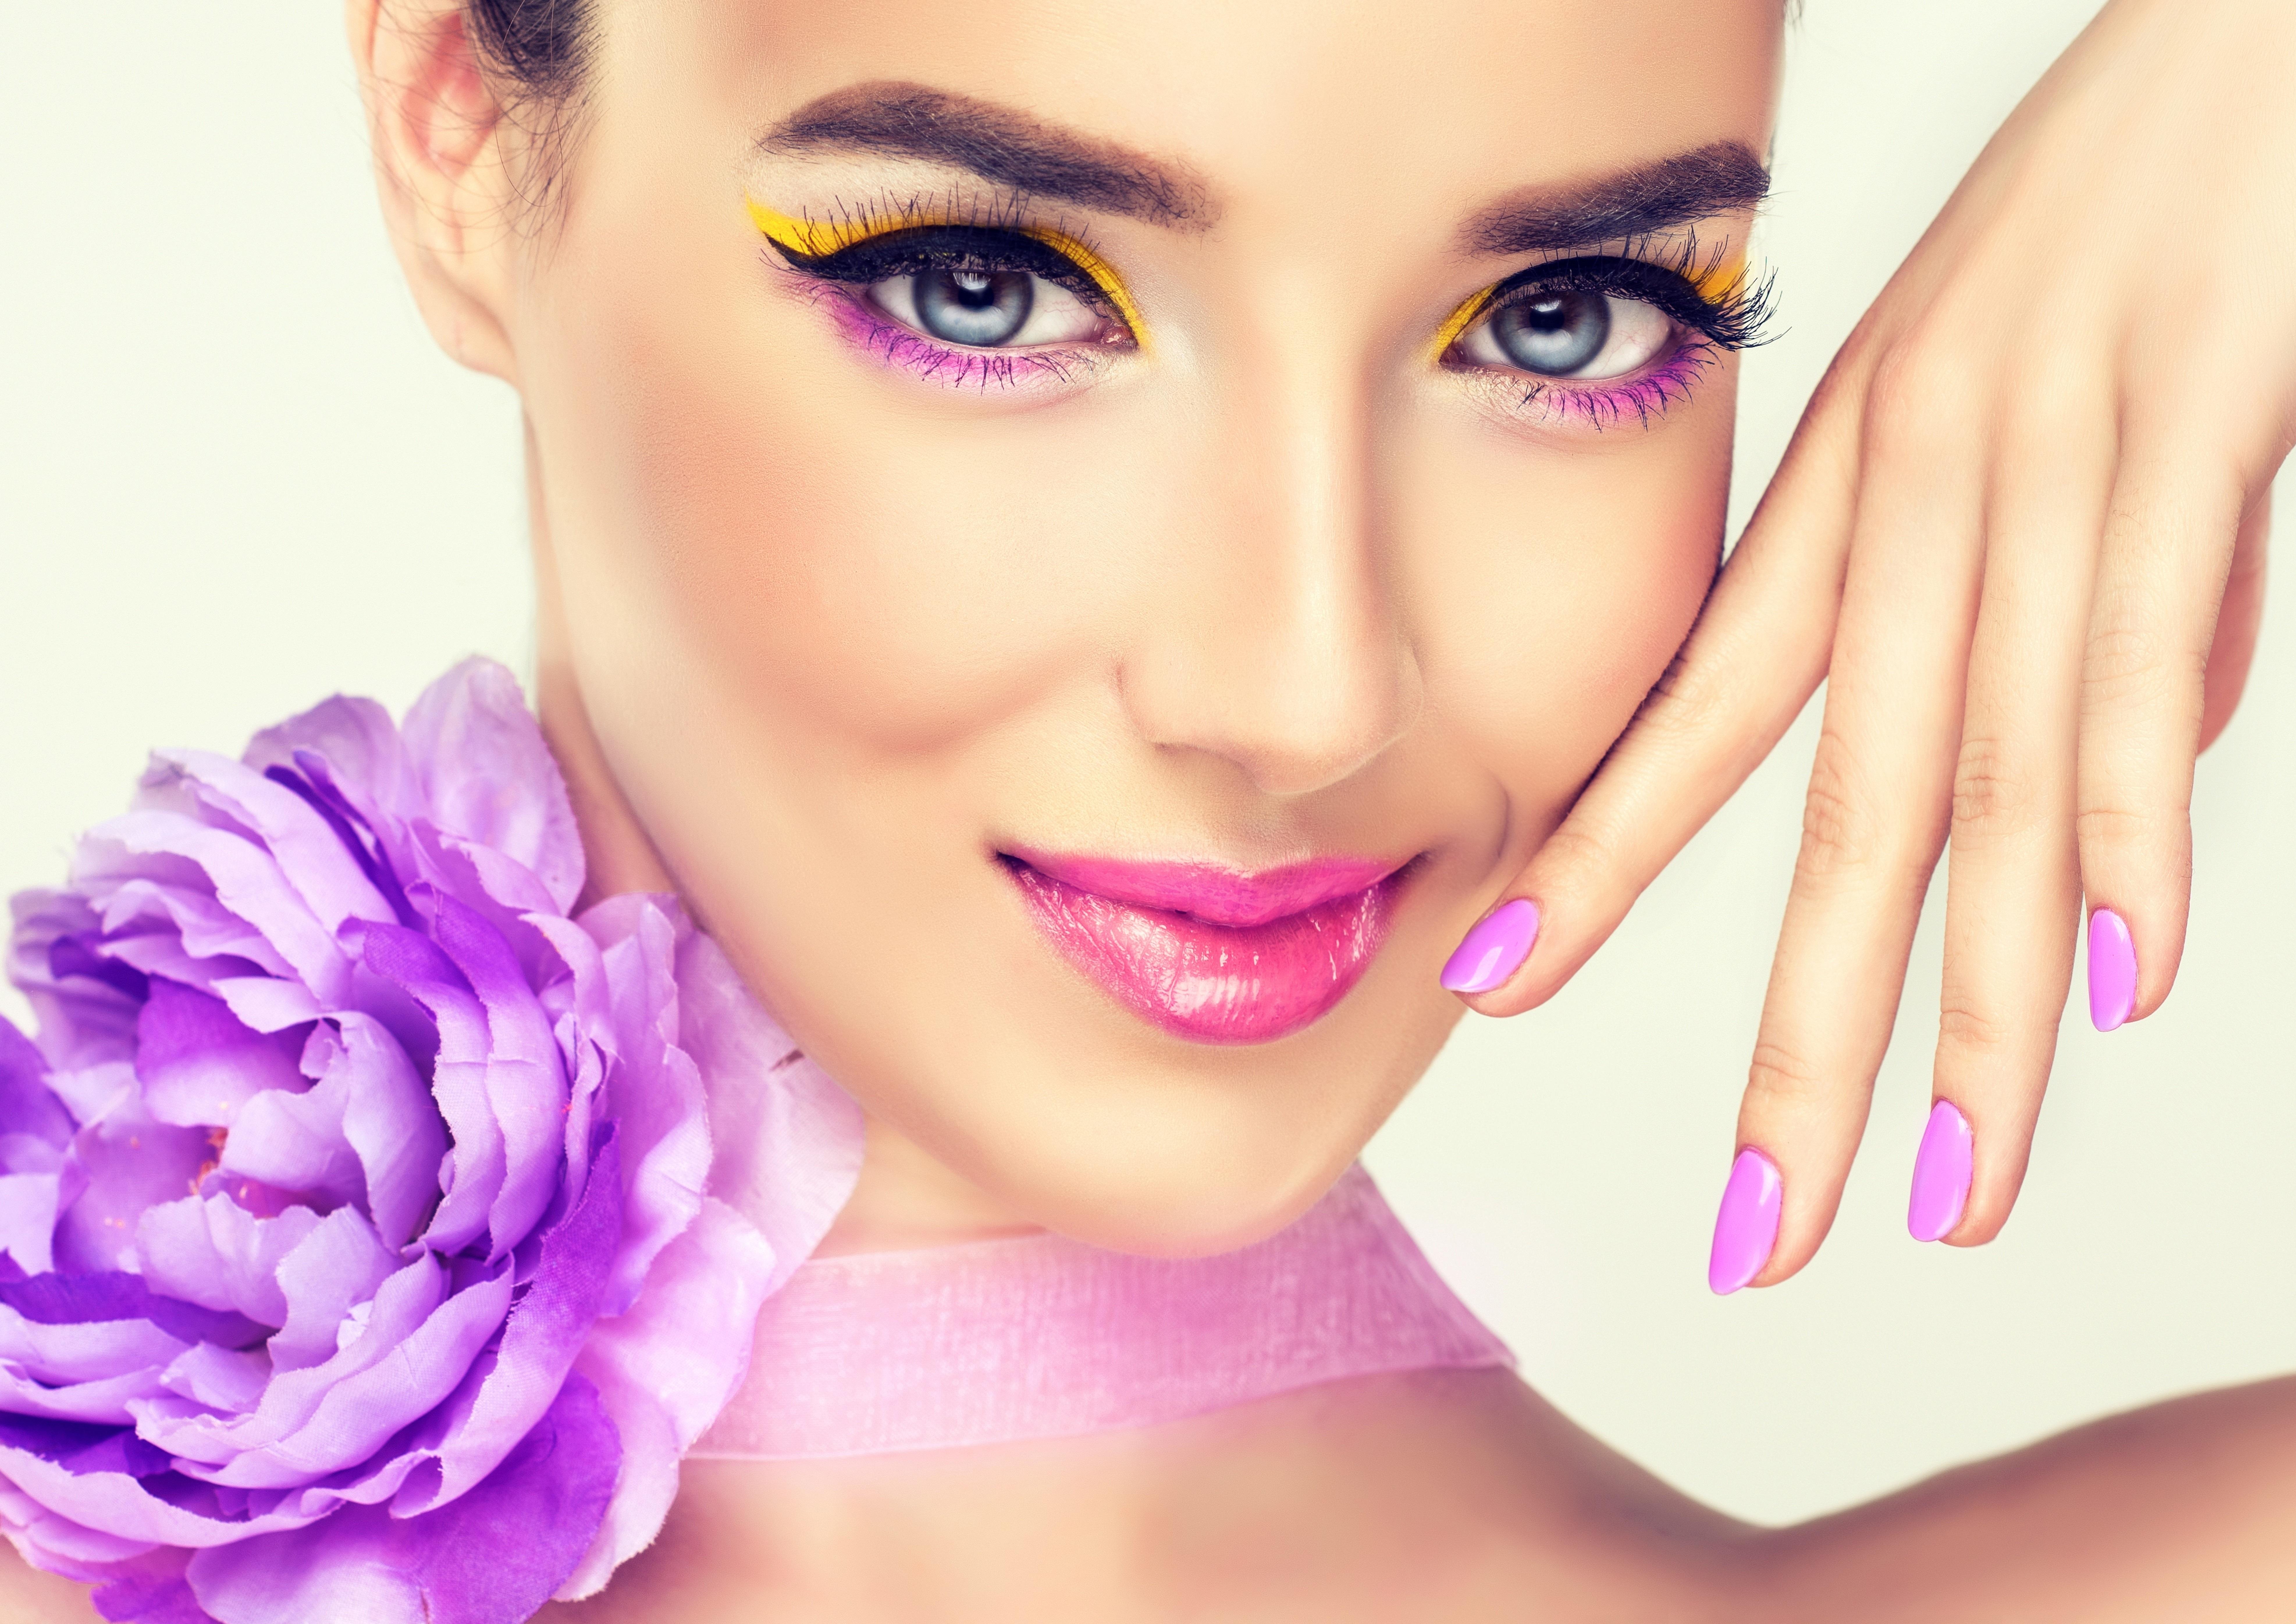 Картинки с ногтями красивыми с цветами